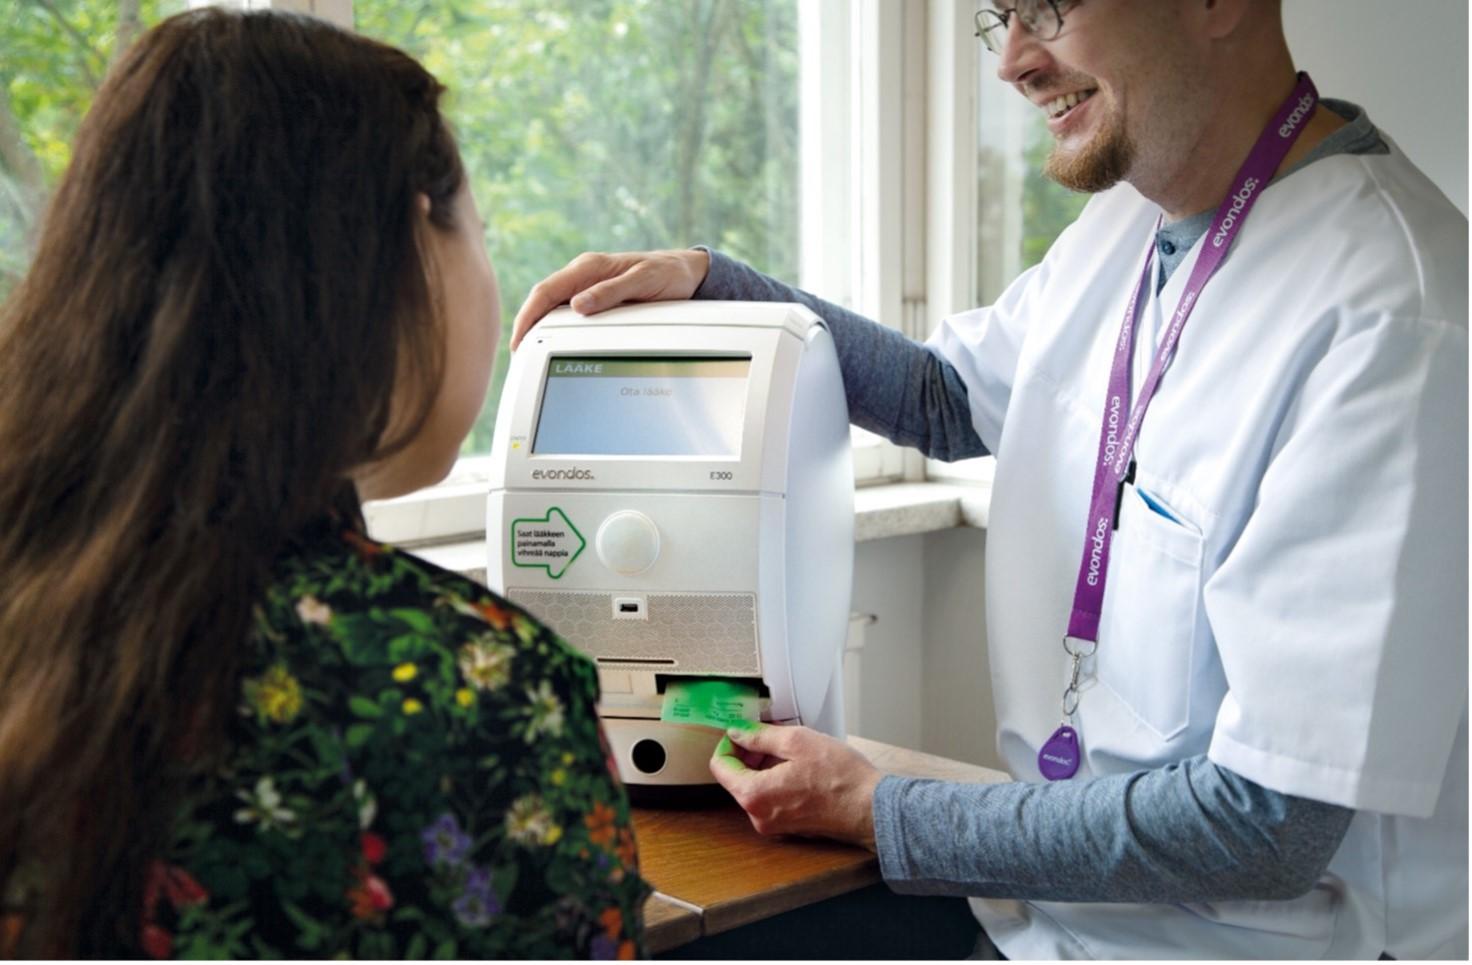 Evondos Oy:n lääkeautomaatin käyttö on helppoa